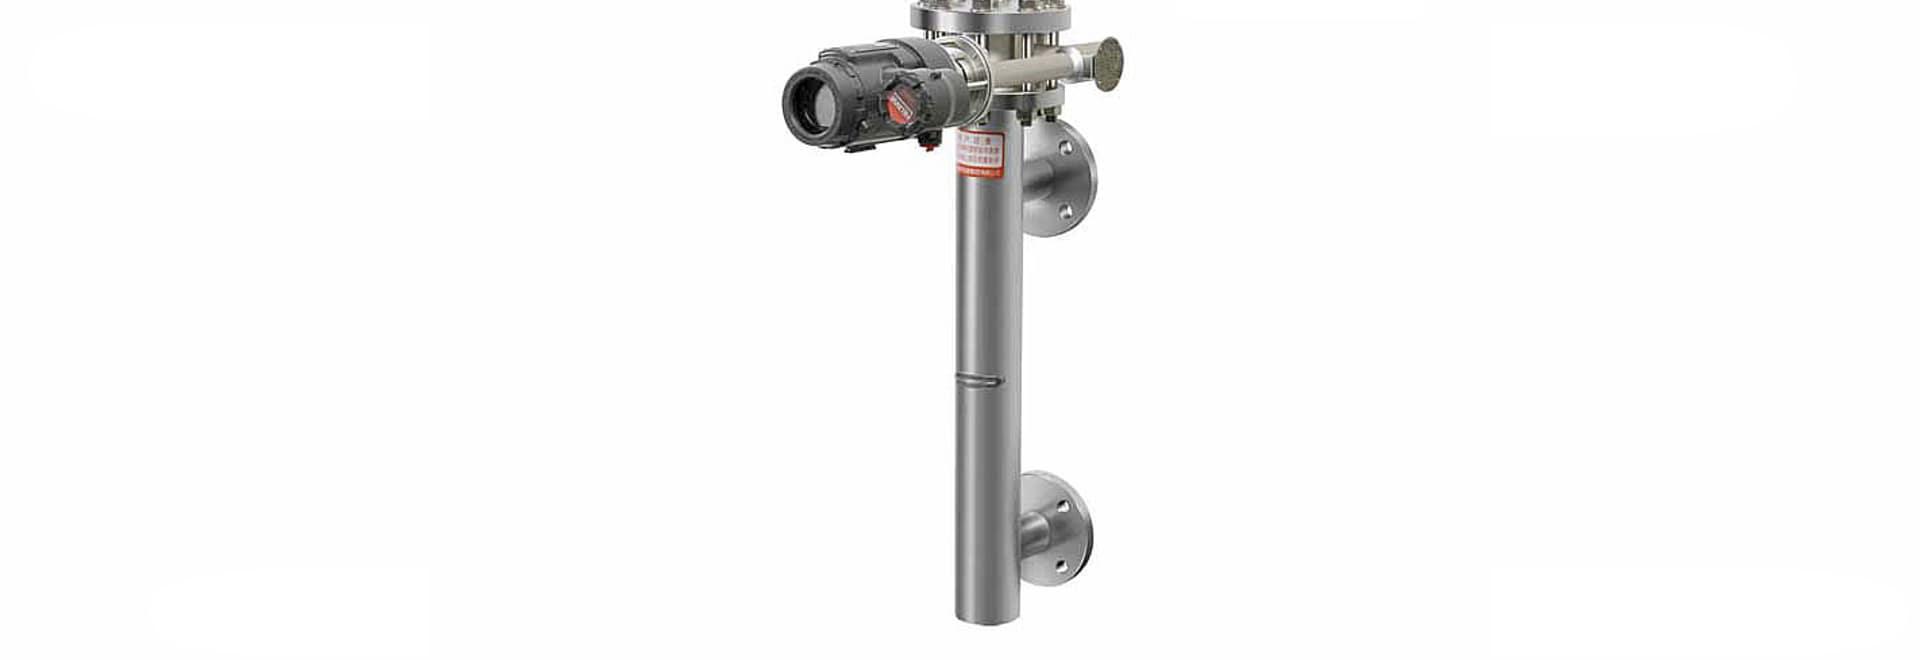 Displacer Level (Interface) Transmitter--DDTOP